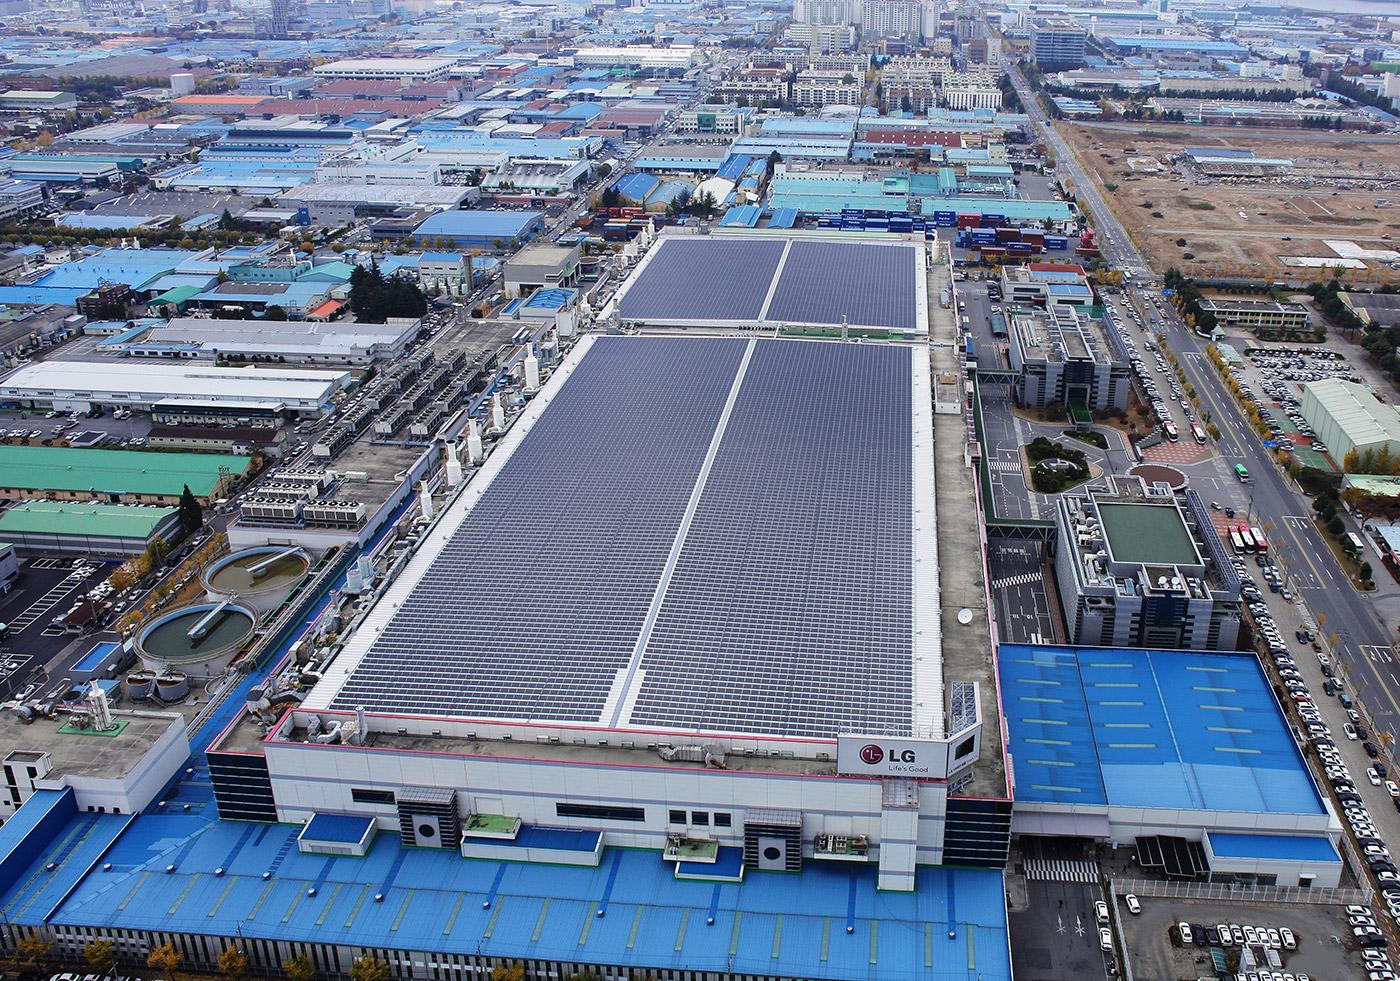 LG 希望在 2020 年將太陽能電池板產量提升至現有的三倍